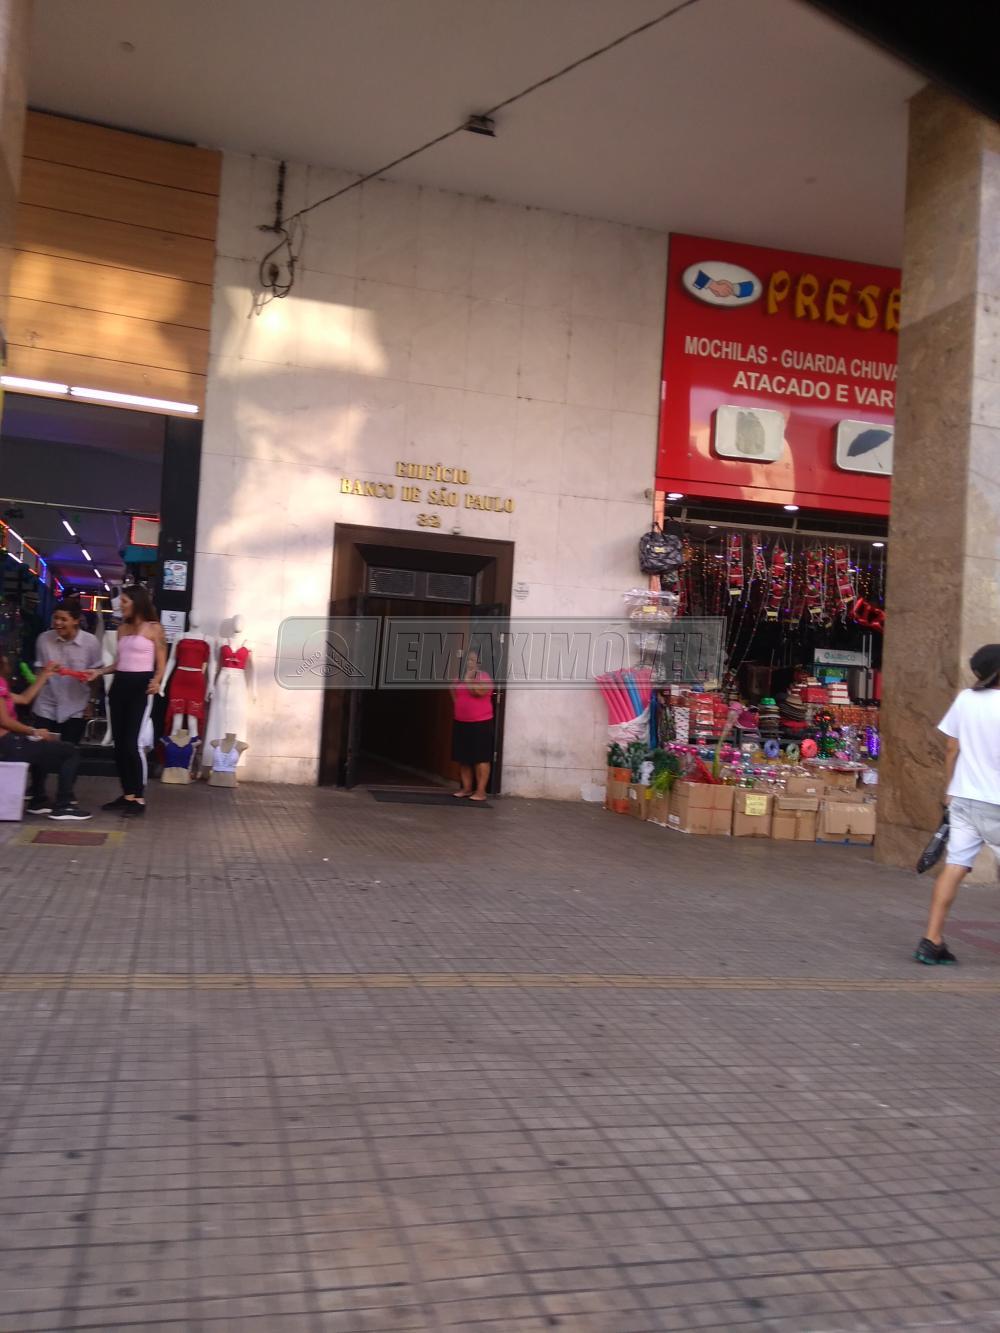 Alugar Comercial / Prédios em Sorocaba R$ 180,00 - Foto 2